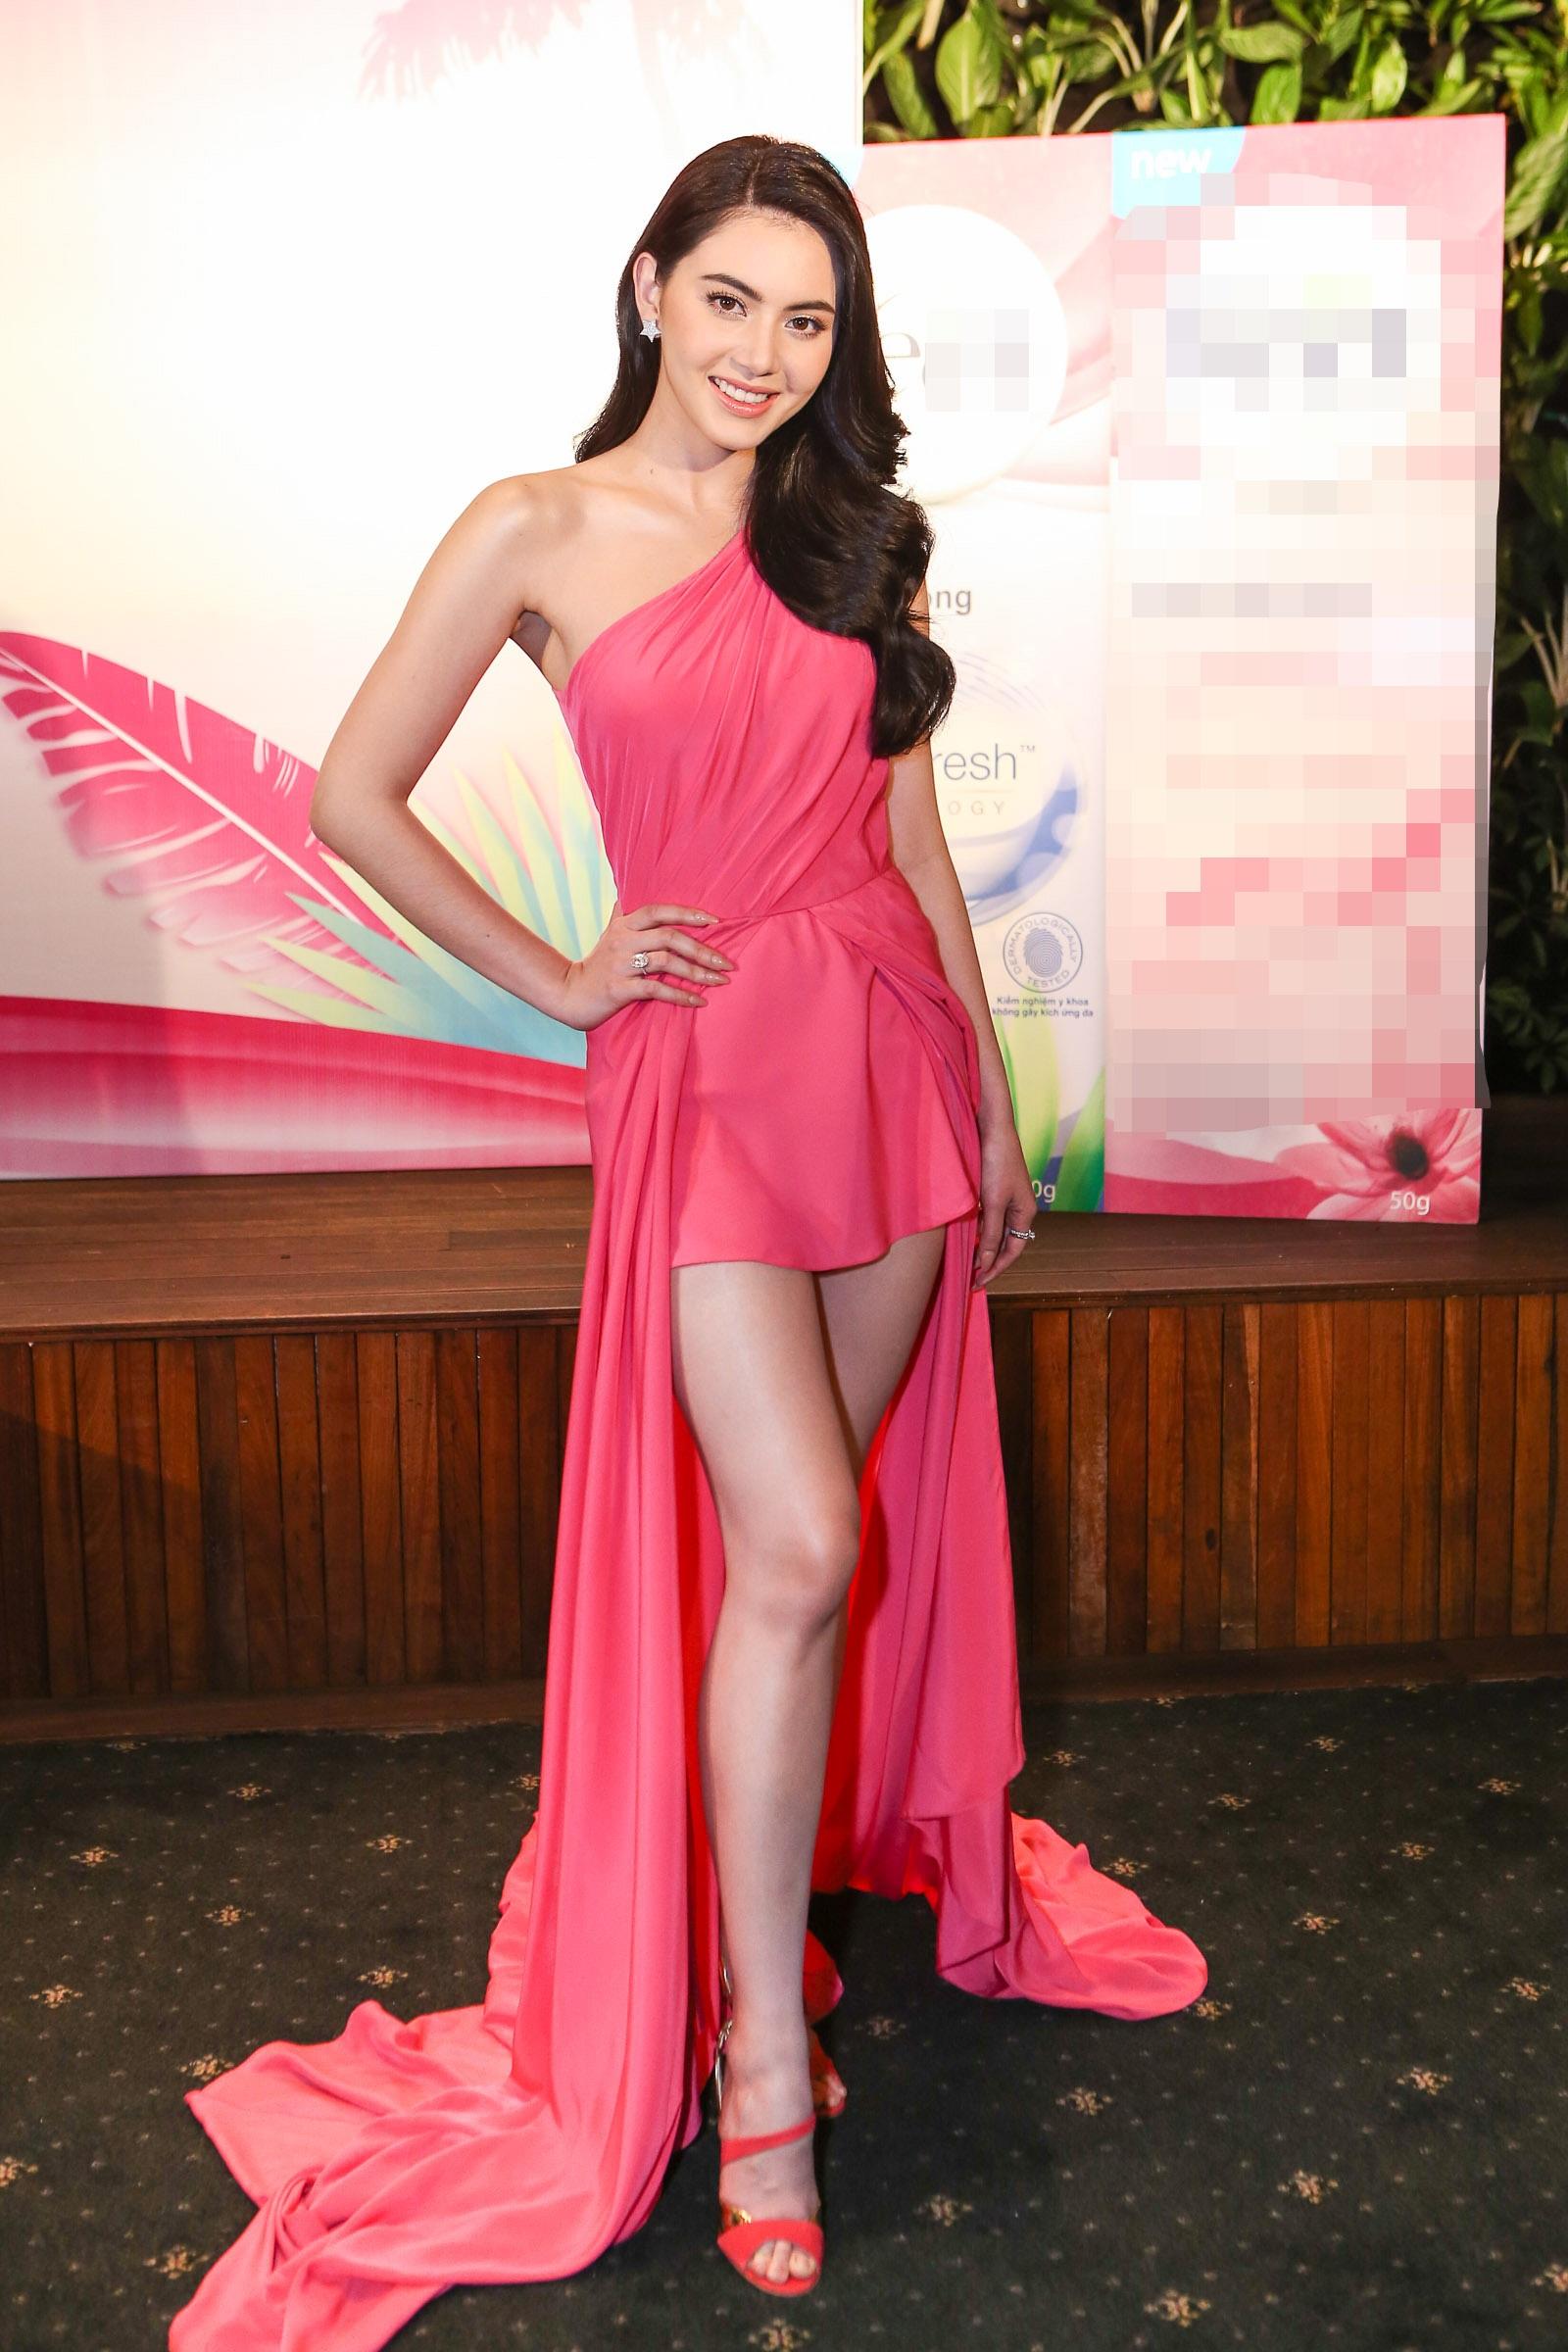 Mai Davika được khán giả Việt Nam yêu mến qua vai nữ chính trong bộ phim điện ảnh Tình người duyên ma. Mang hai dòng máu Bỉ - Thái Lan, Mai Davika sở hữu nhan sắc quyến rũ, ngọt ngào và luôn lọt vào danh sách những mỹ nhân đẹp nhất Thái Lan.